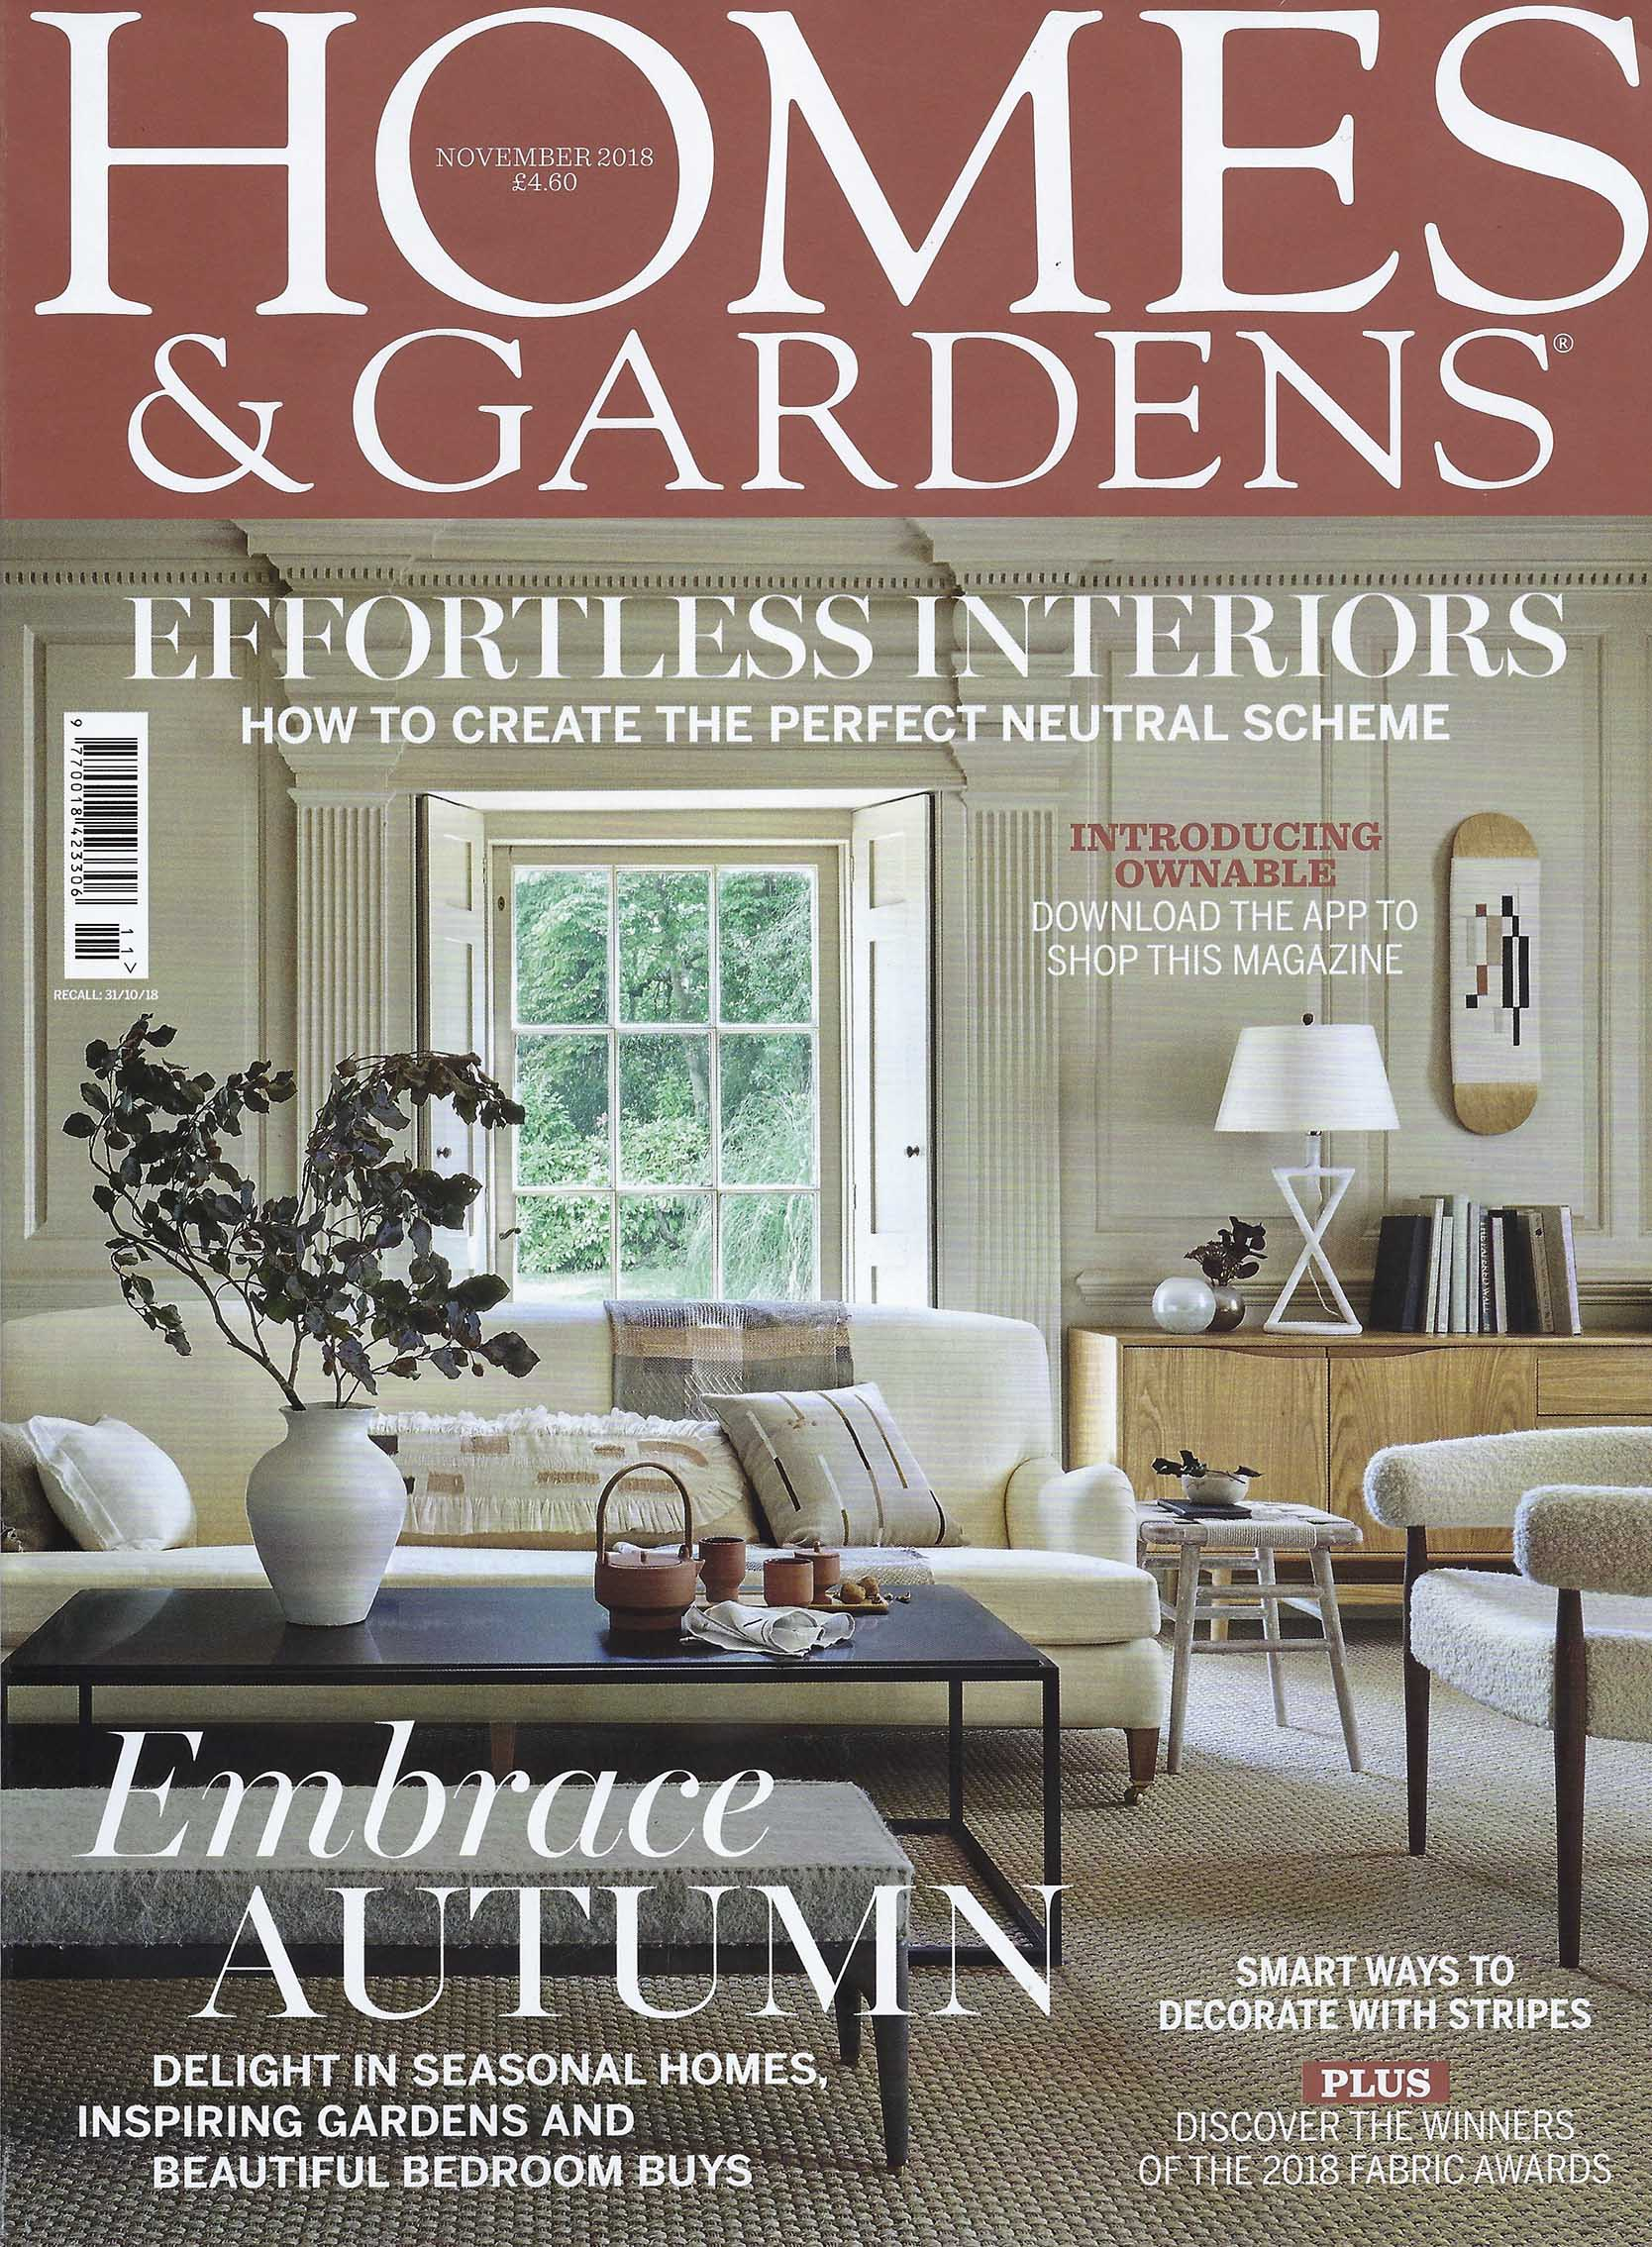 Homes&Gardenscover.jpg